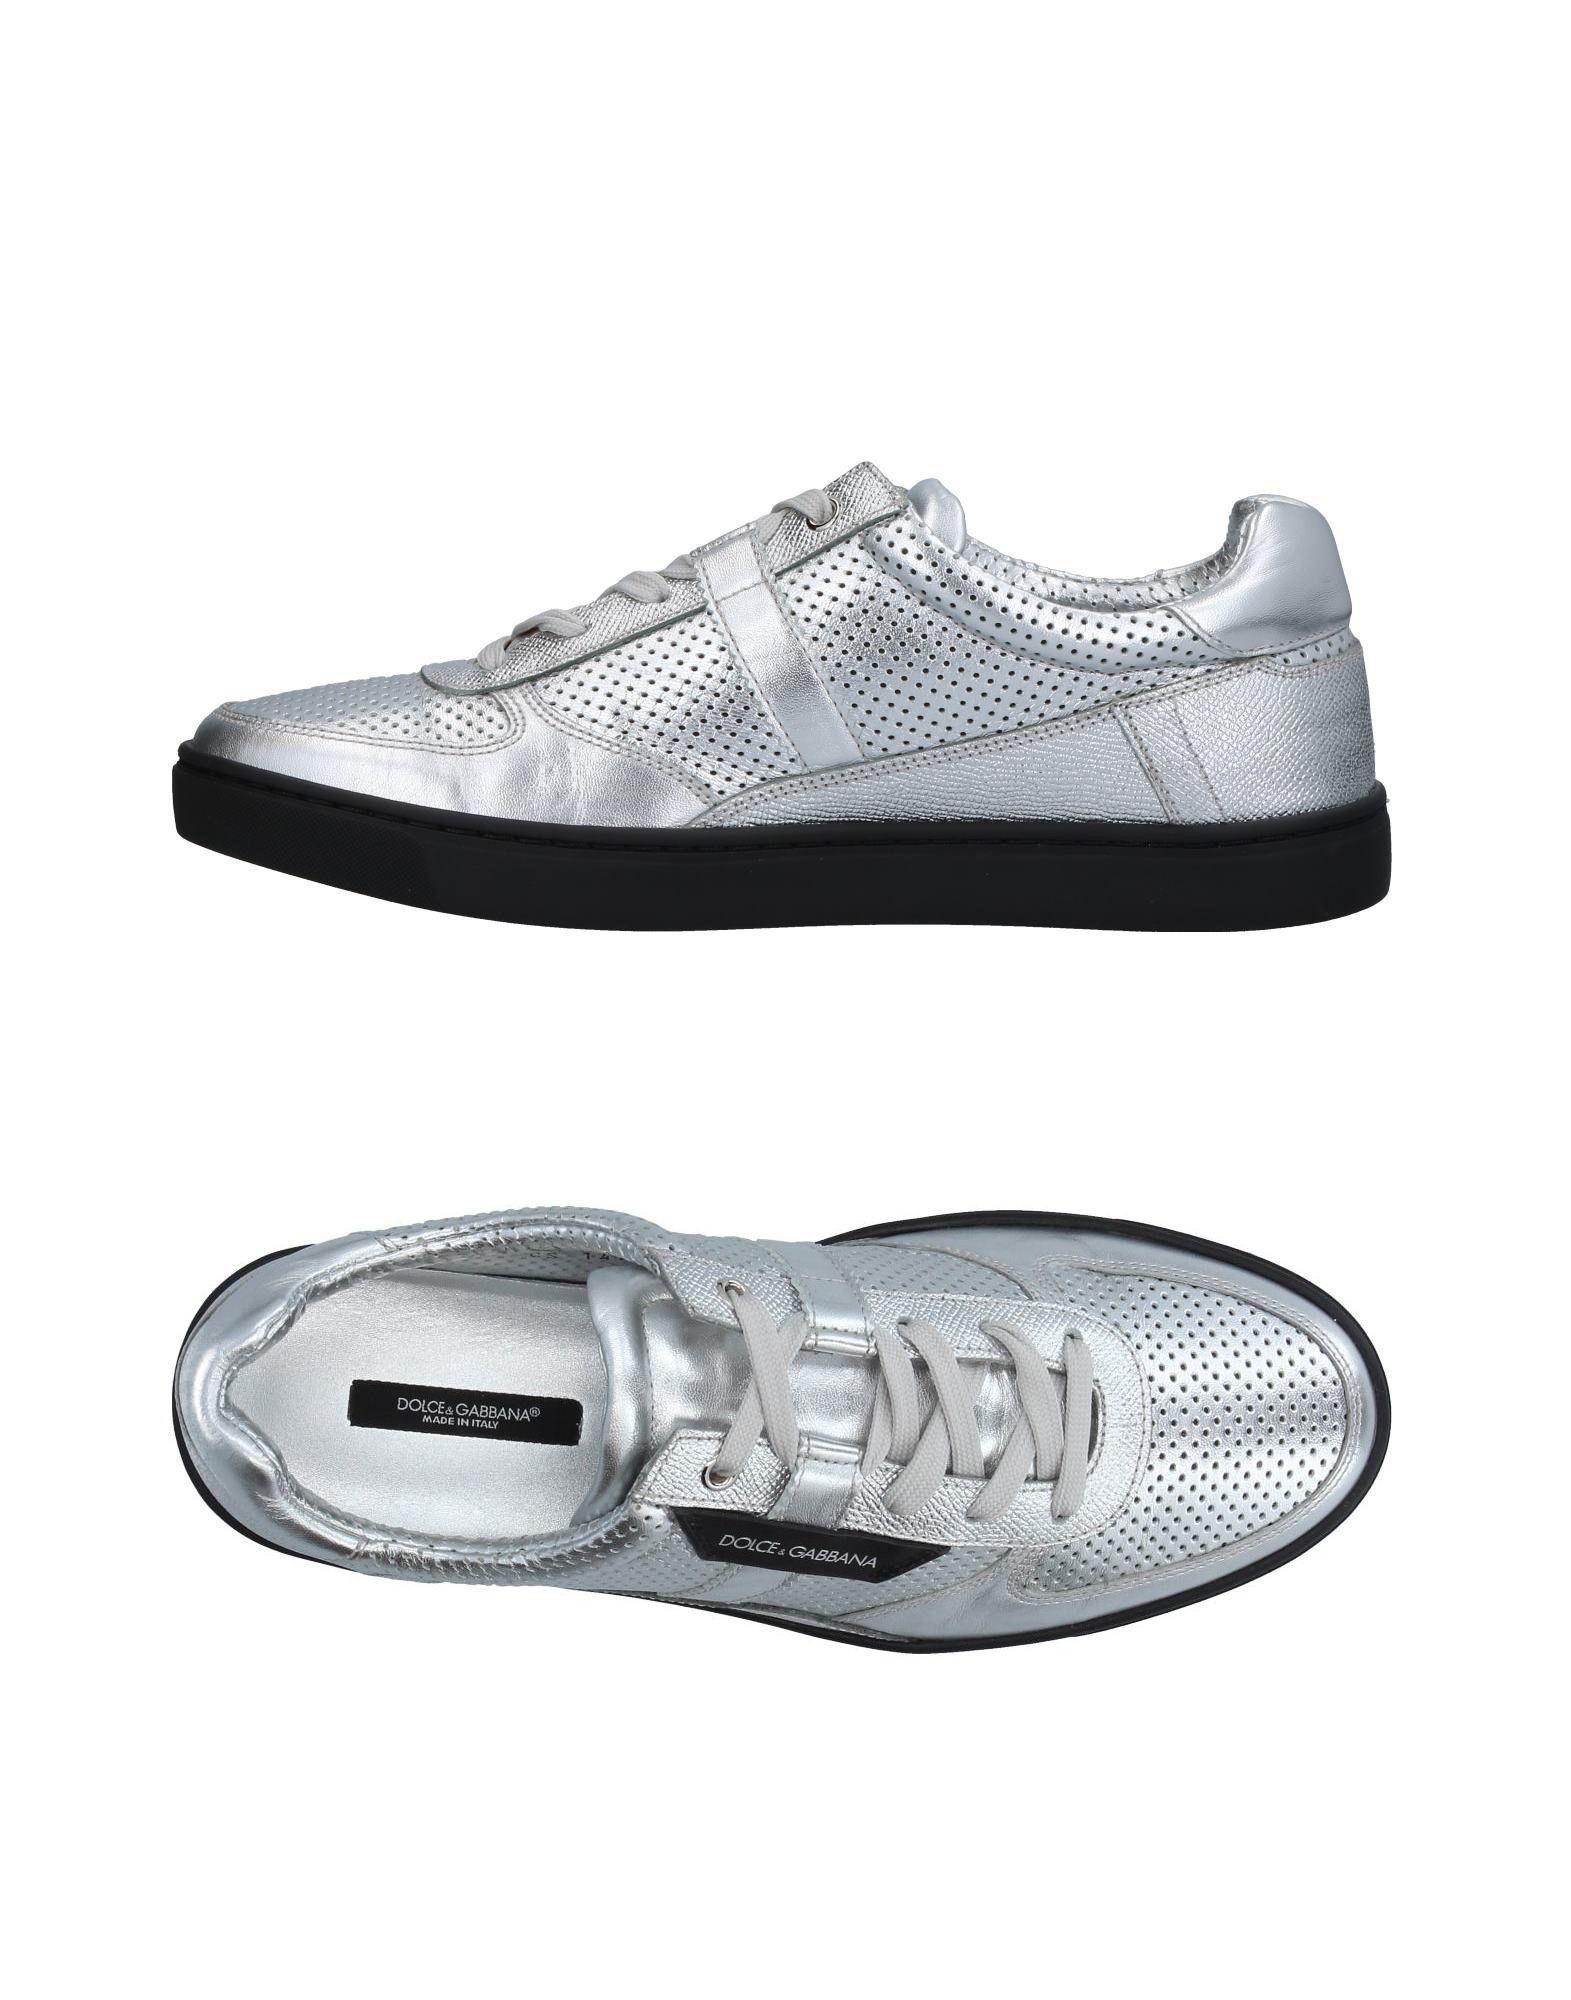 Dolce & Gabbana Sneakers Herren  11400556UV